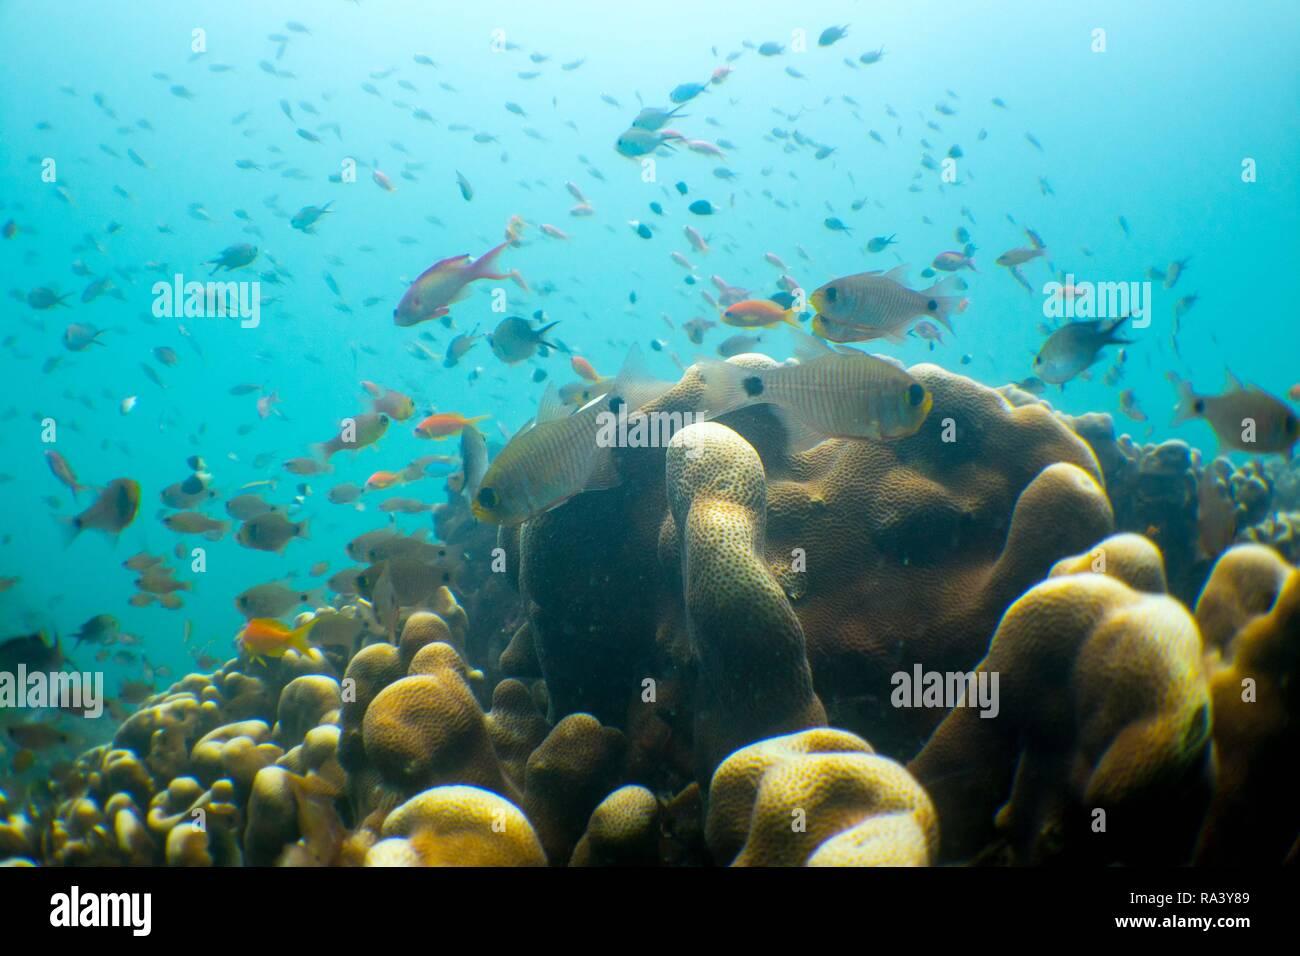 Scuba diving in Mafia Island, Tanzania - Stock Image